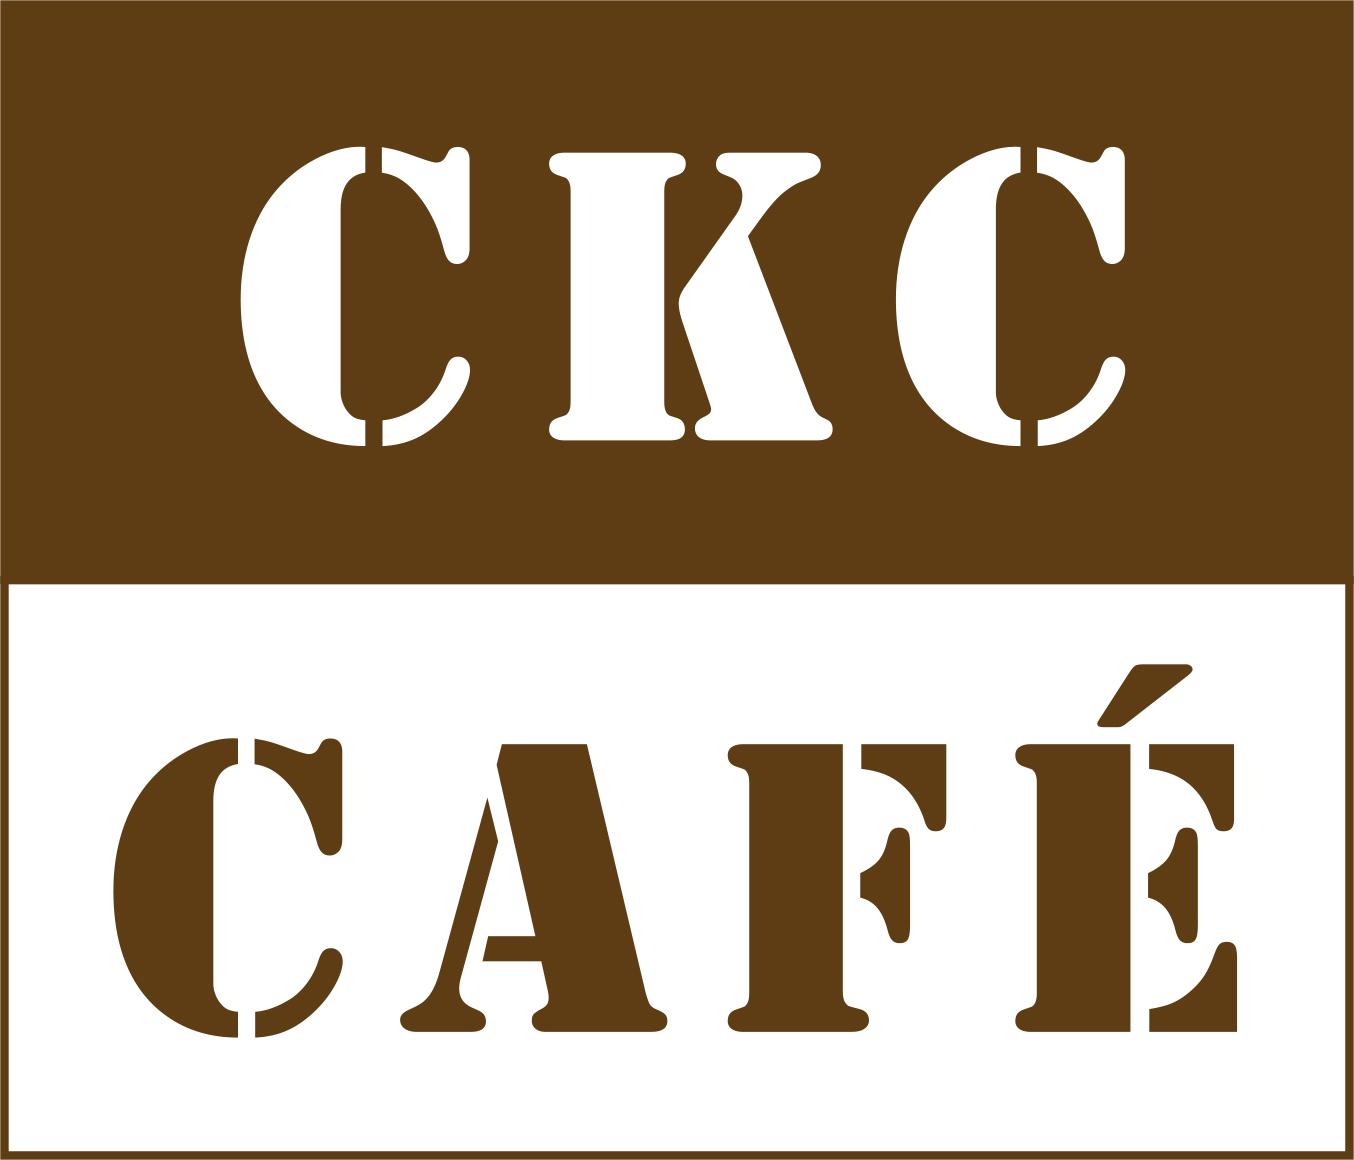 CKC Café